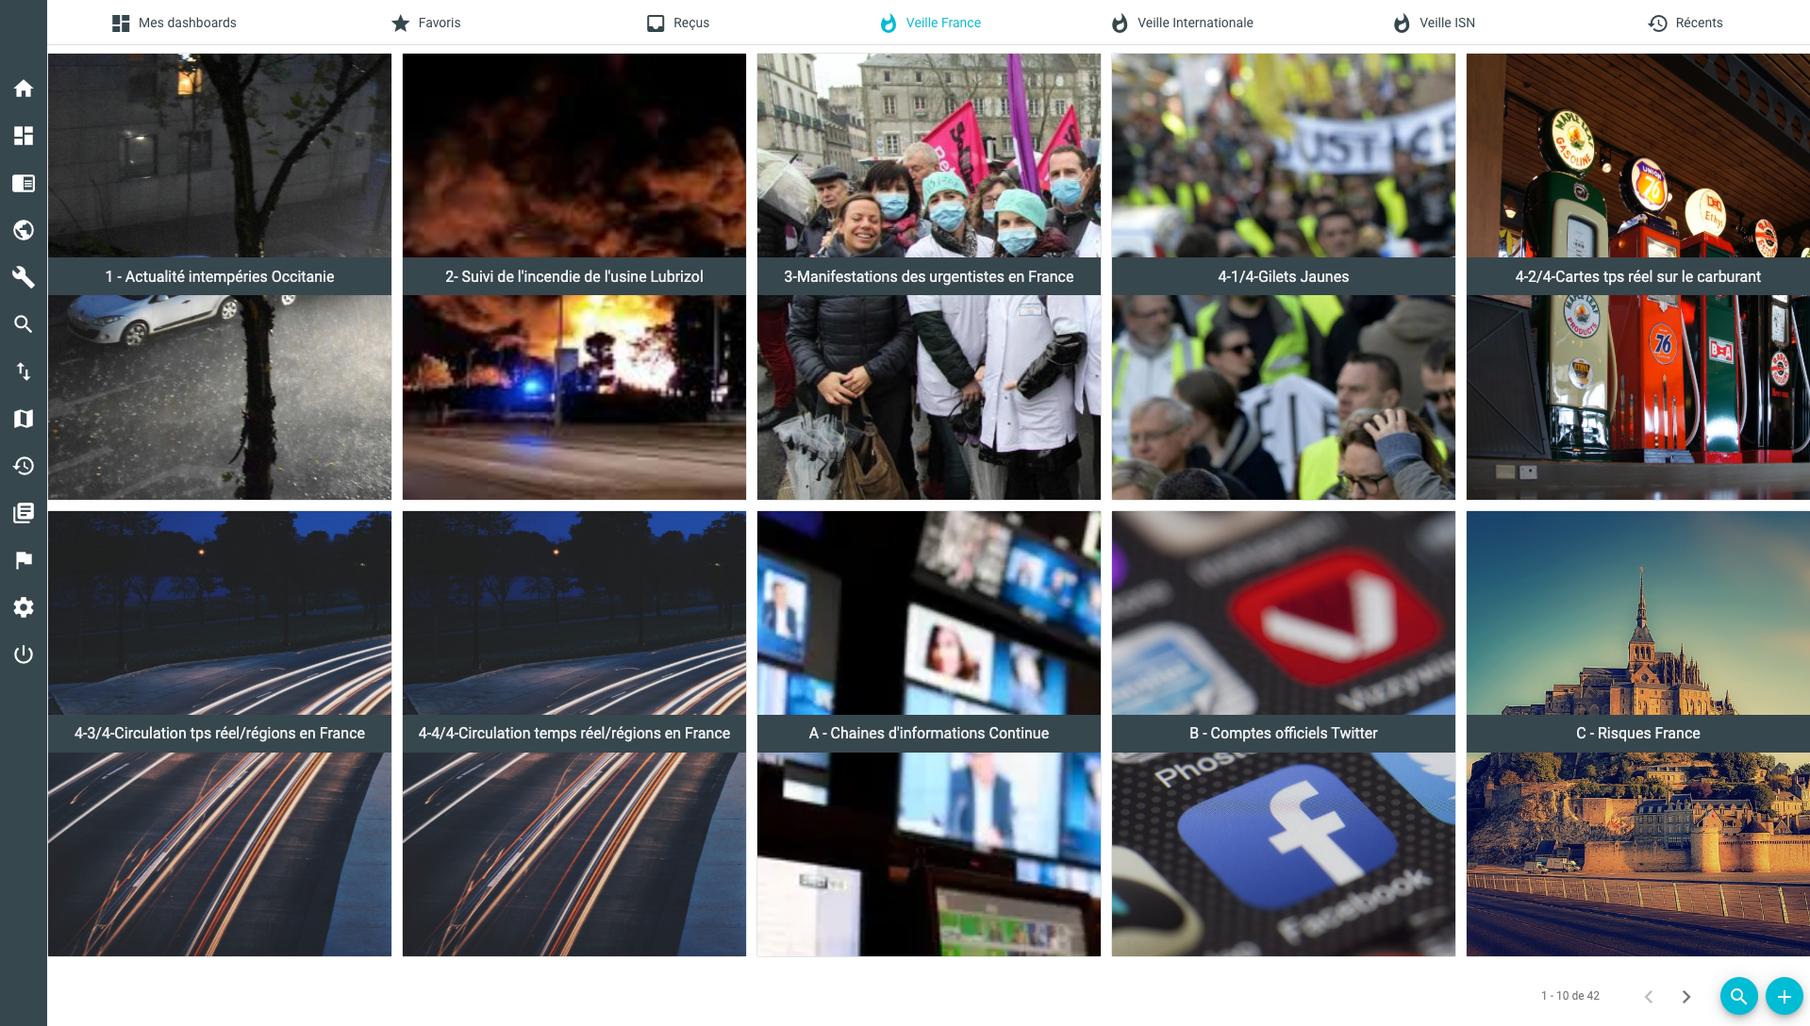 Capture d'écran 2019-10-24 à 17.51.38 co